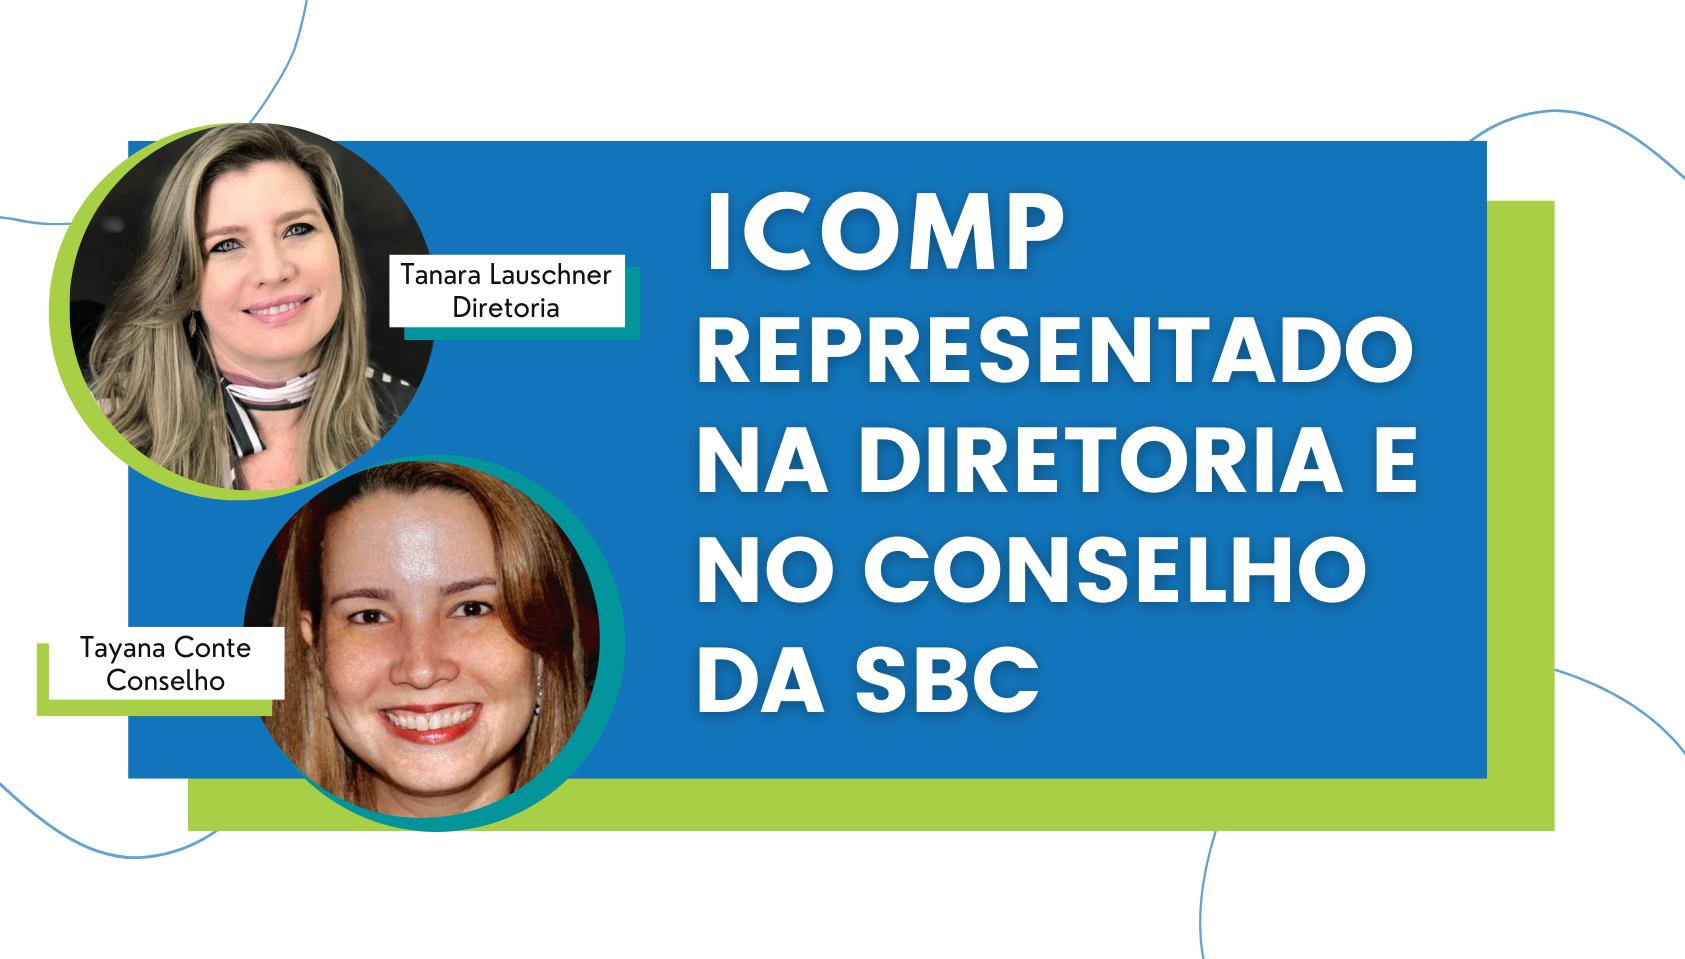 IComp representado na diretoria e no conselho da SBC